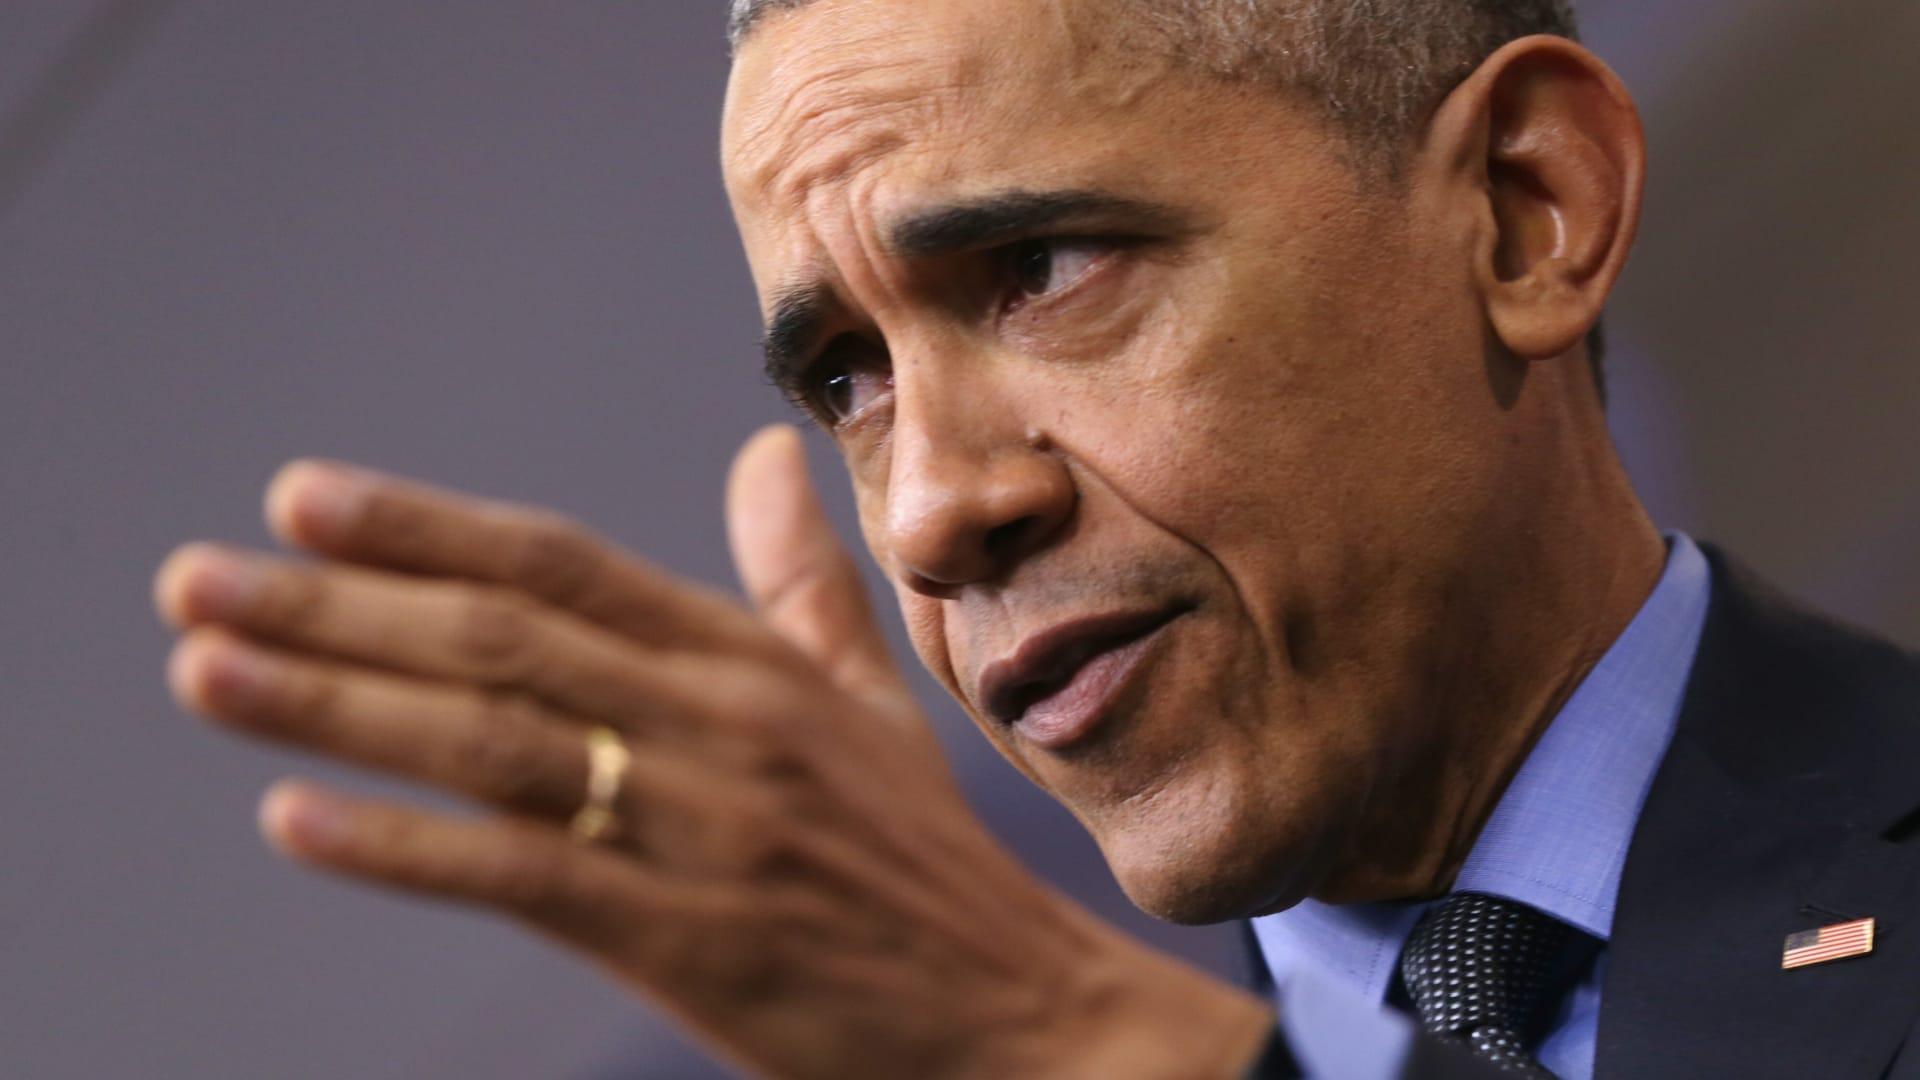 ترامب يهاجم أوباما بشأن لاجئي سوريا: ربما ينتمون لداعش